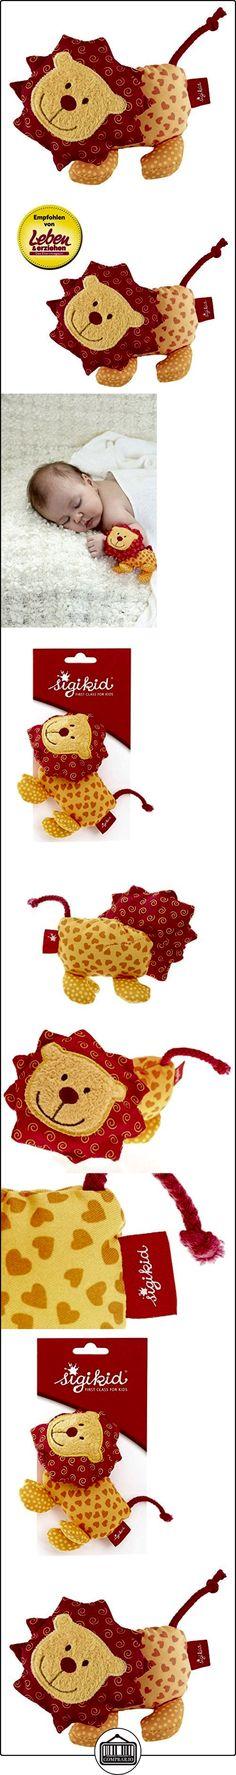 Sigikid 40128 - Peluche de león para bebé, multicolor  ✿ Regalos para recién nacidos - Bebes ✿ ▬► Ver oferta: http://comprar.io/goto/B005ATJ88Q